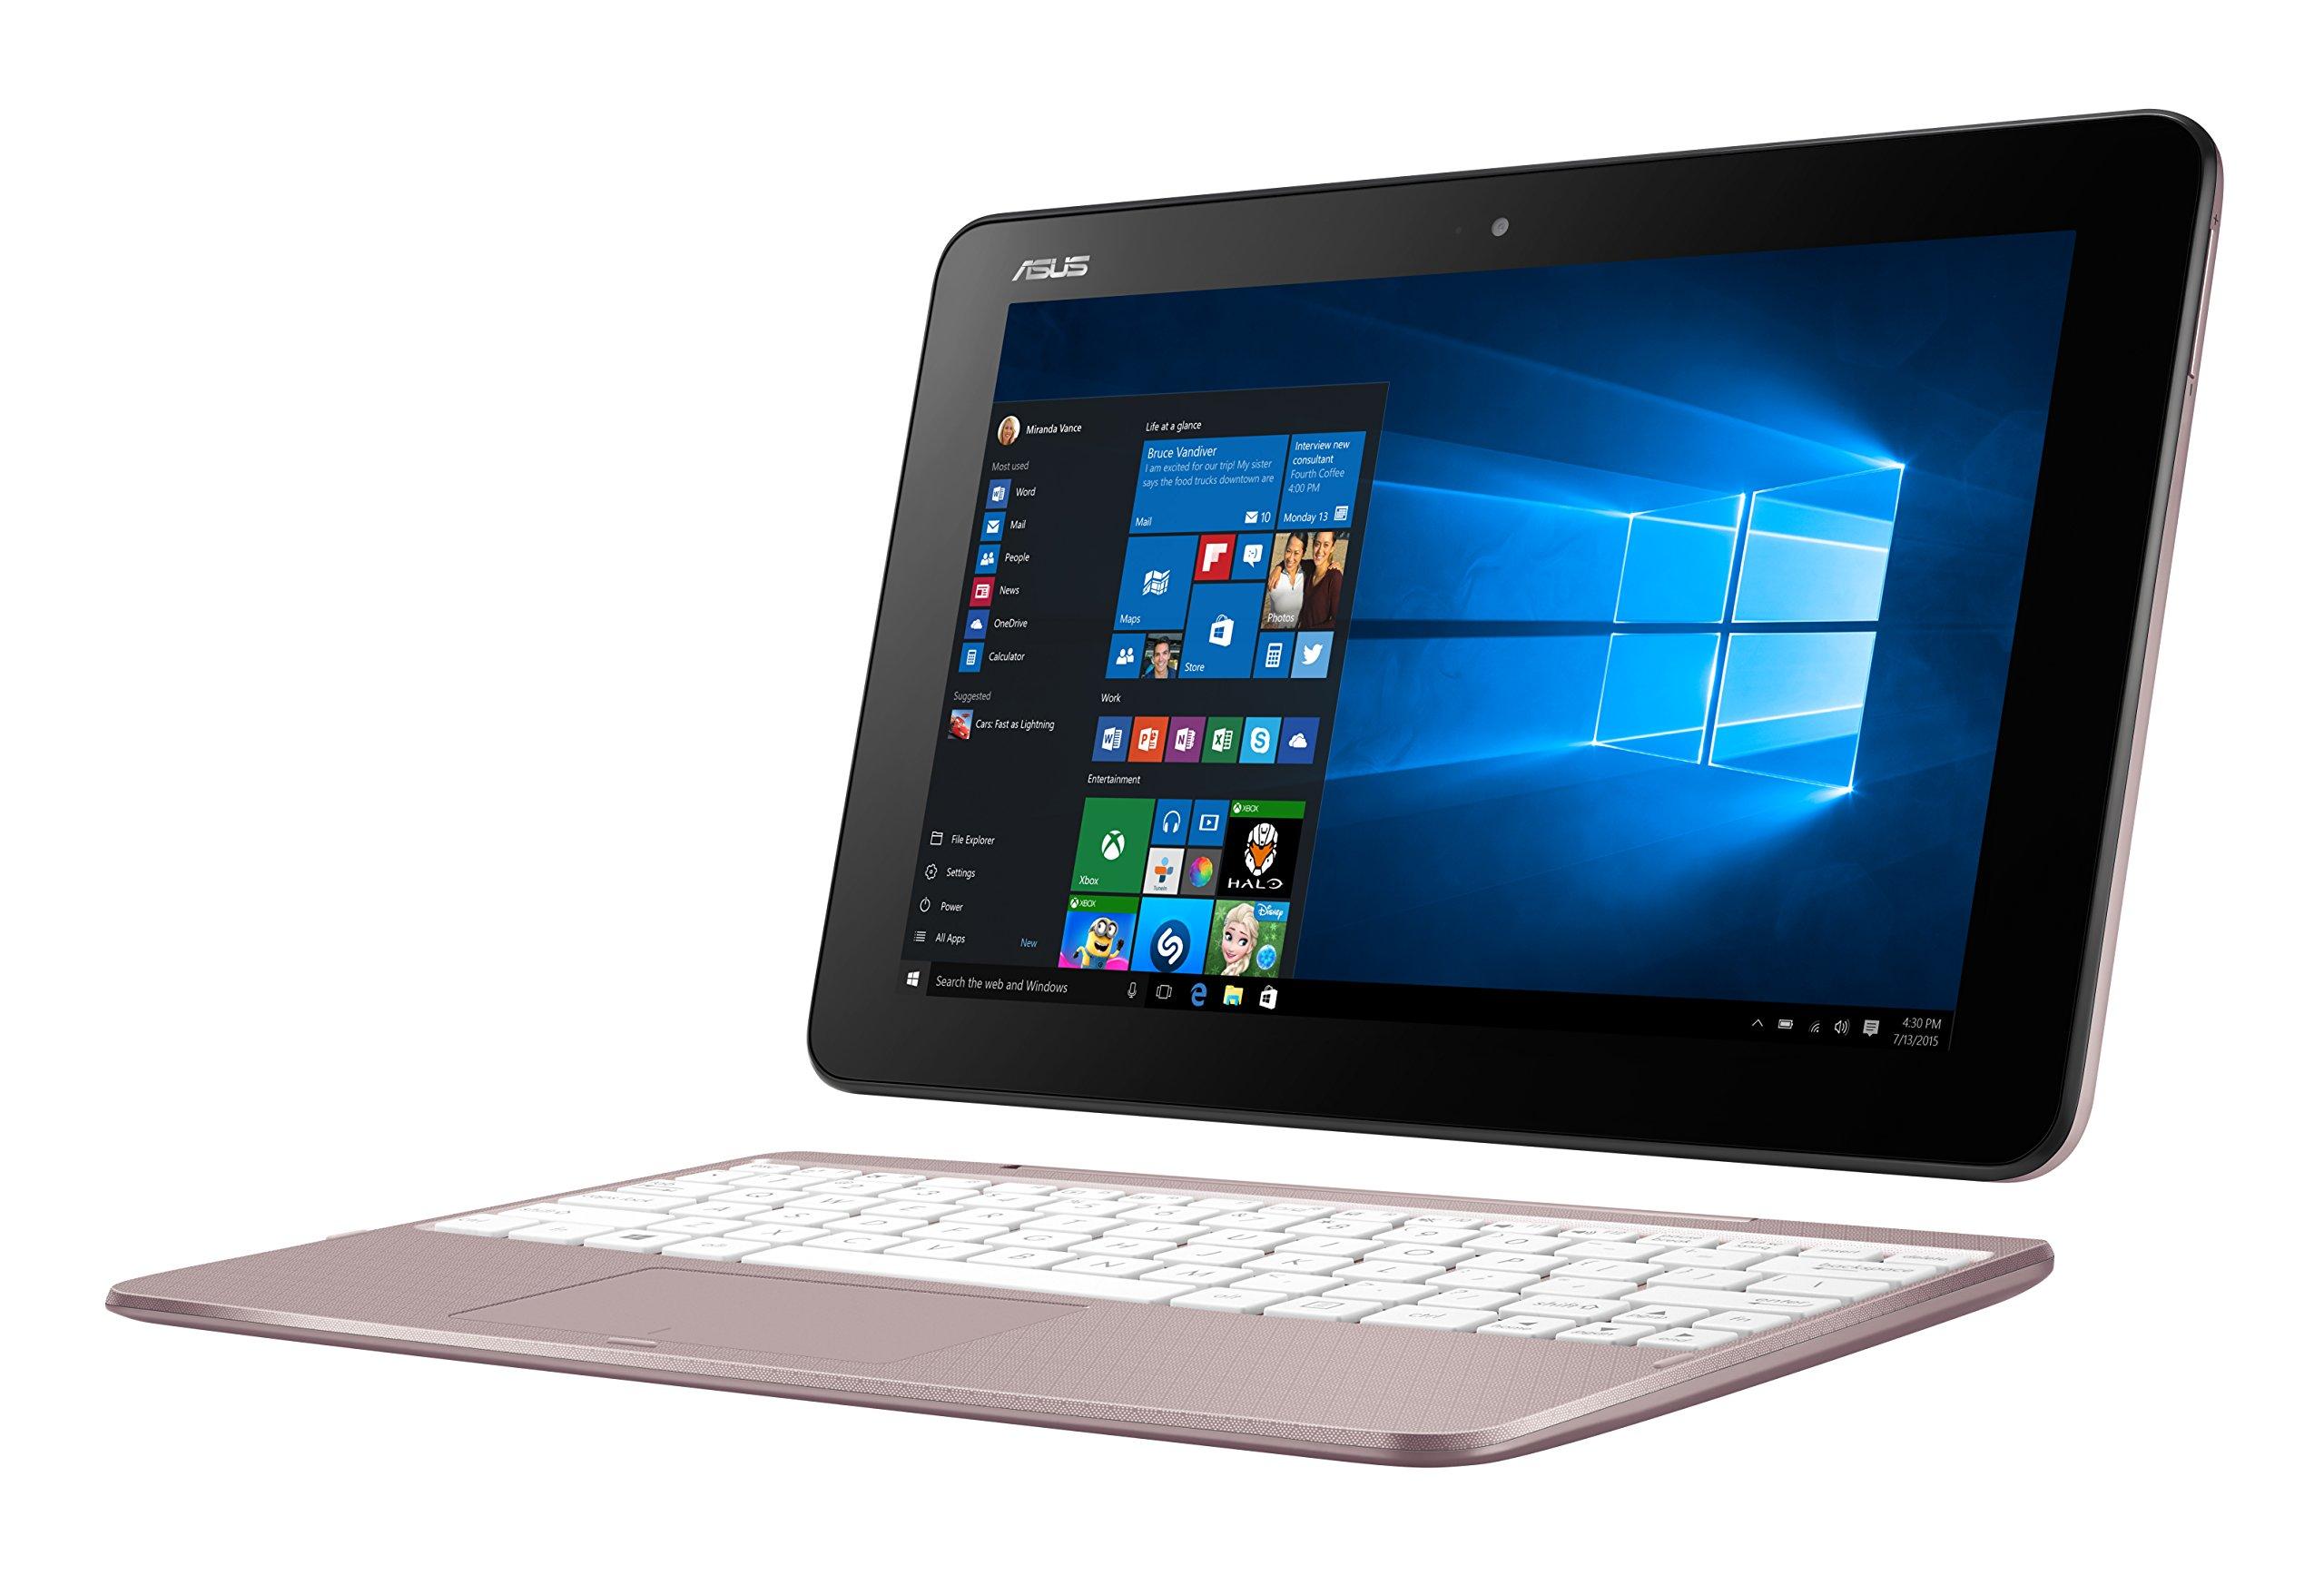 Asus Portátil de 10,1 pulgadas con procesador Intel Atom Quad Core Z8350 dorado oro rosa 4 GB DDR3: Amazon.es: Informática